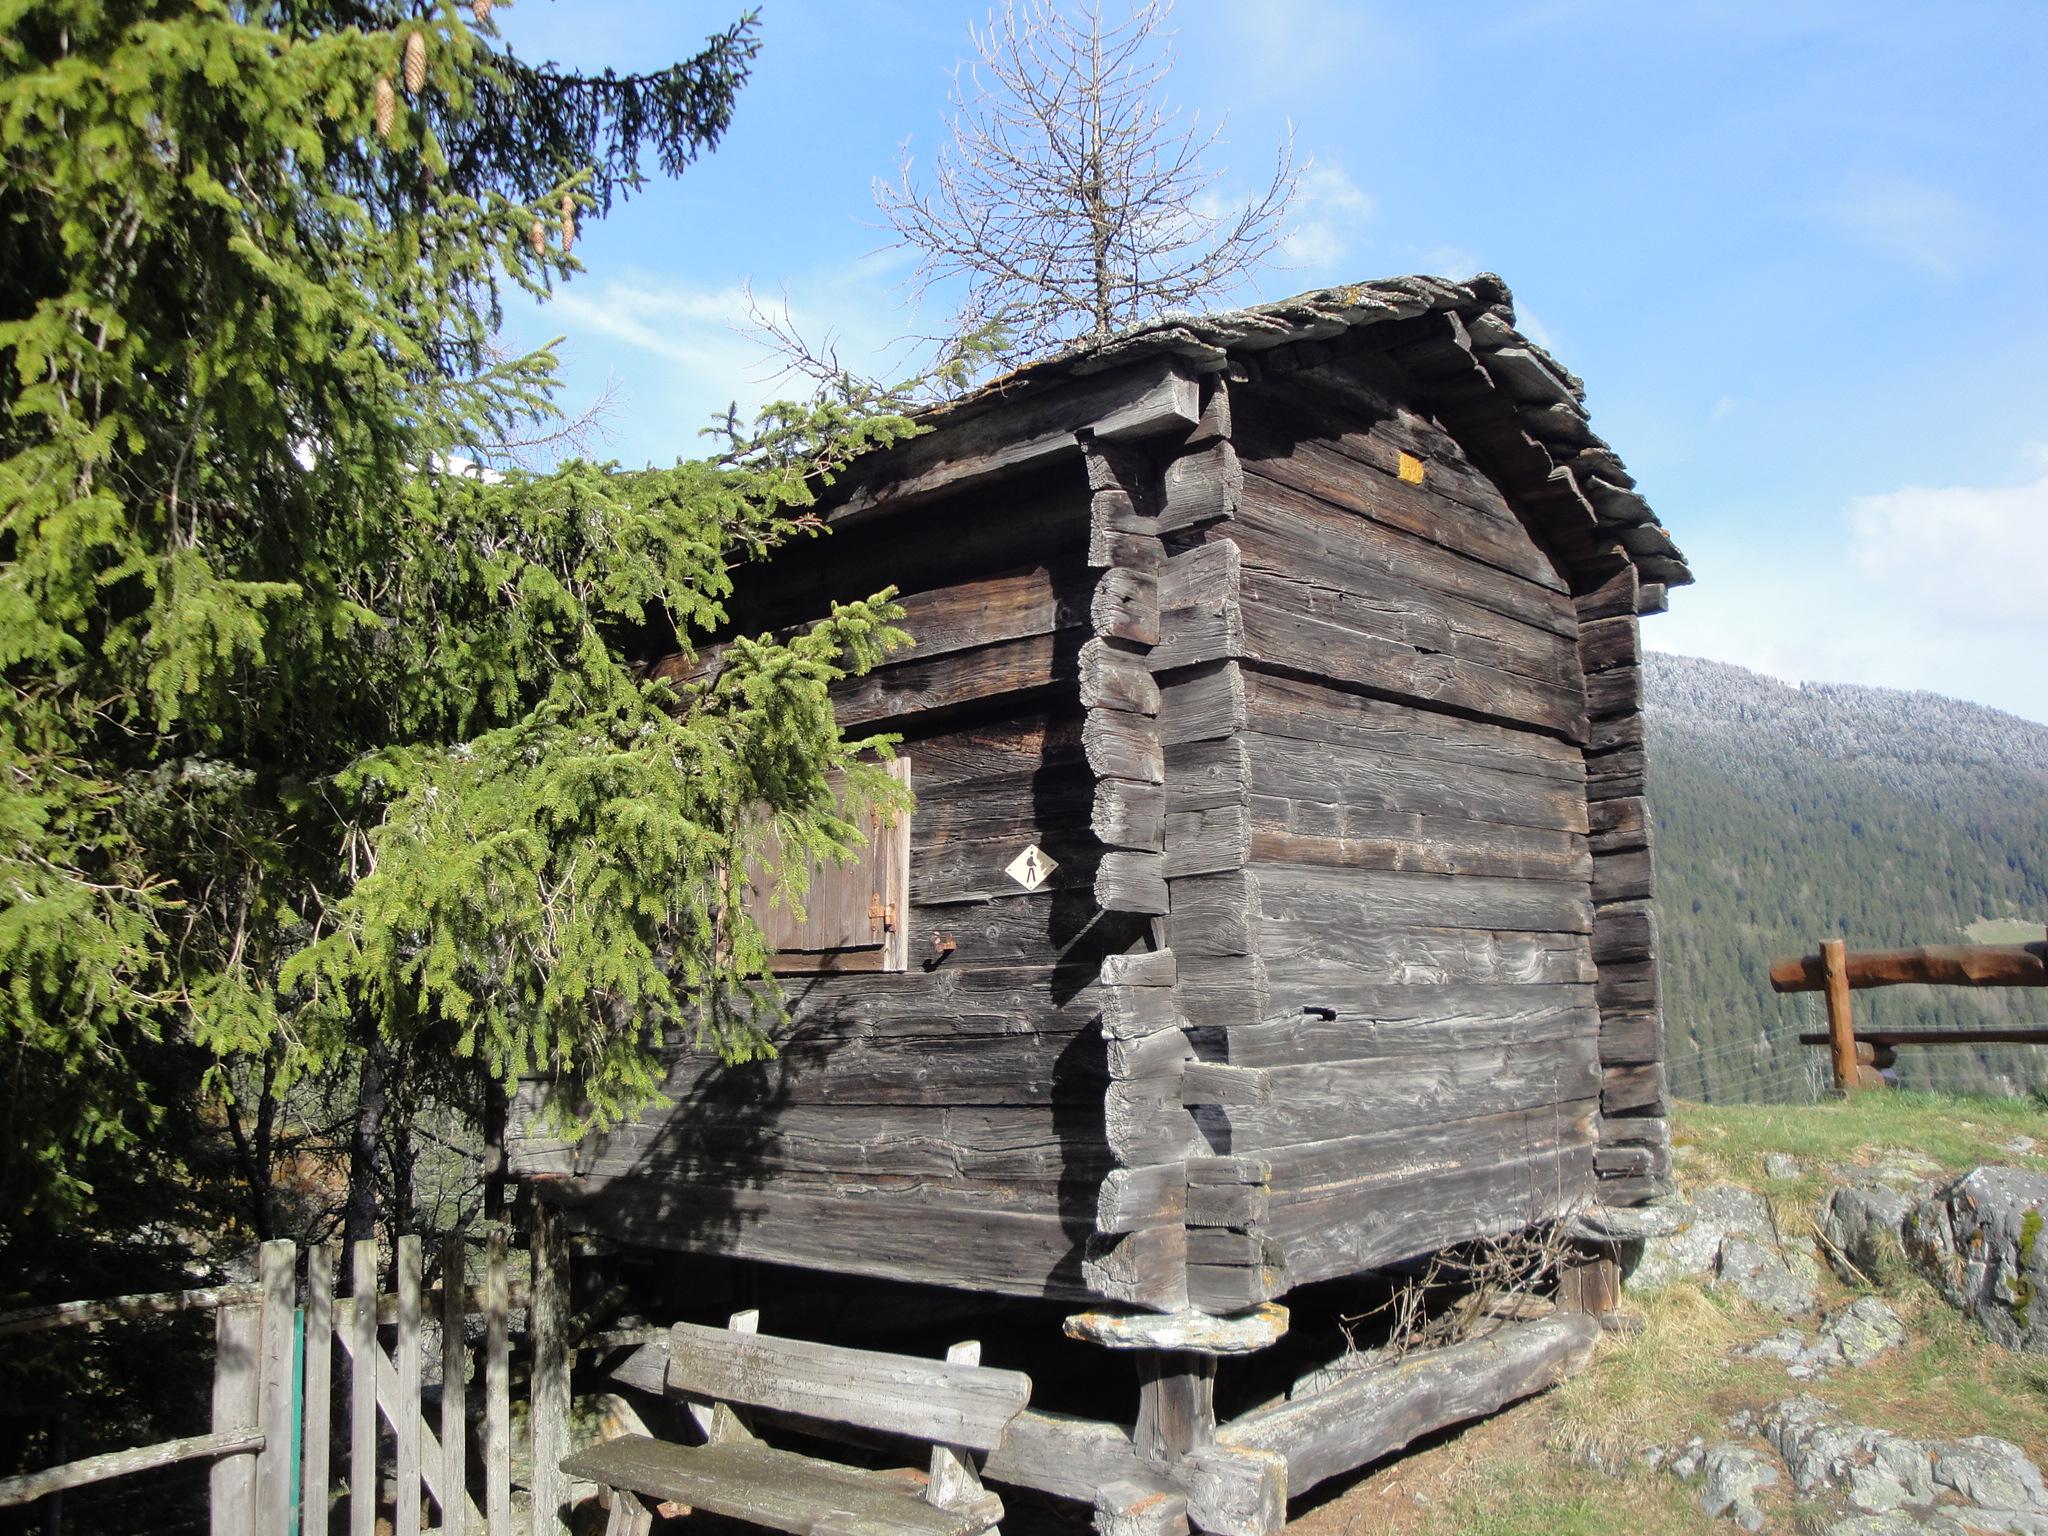 Cabanon à louer pour des vacances en Valais